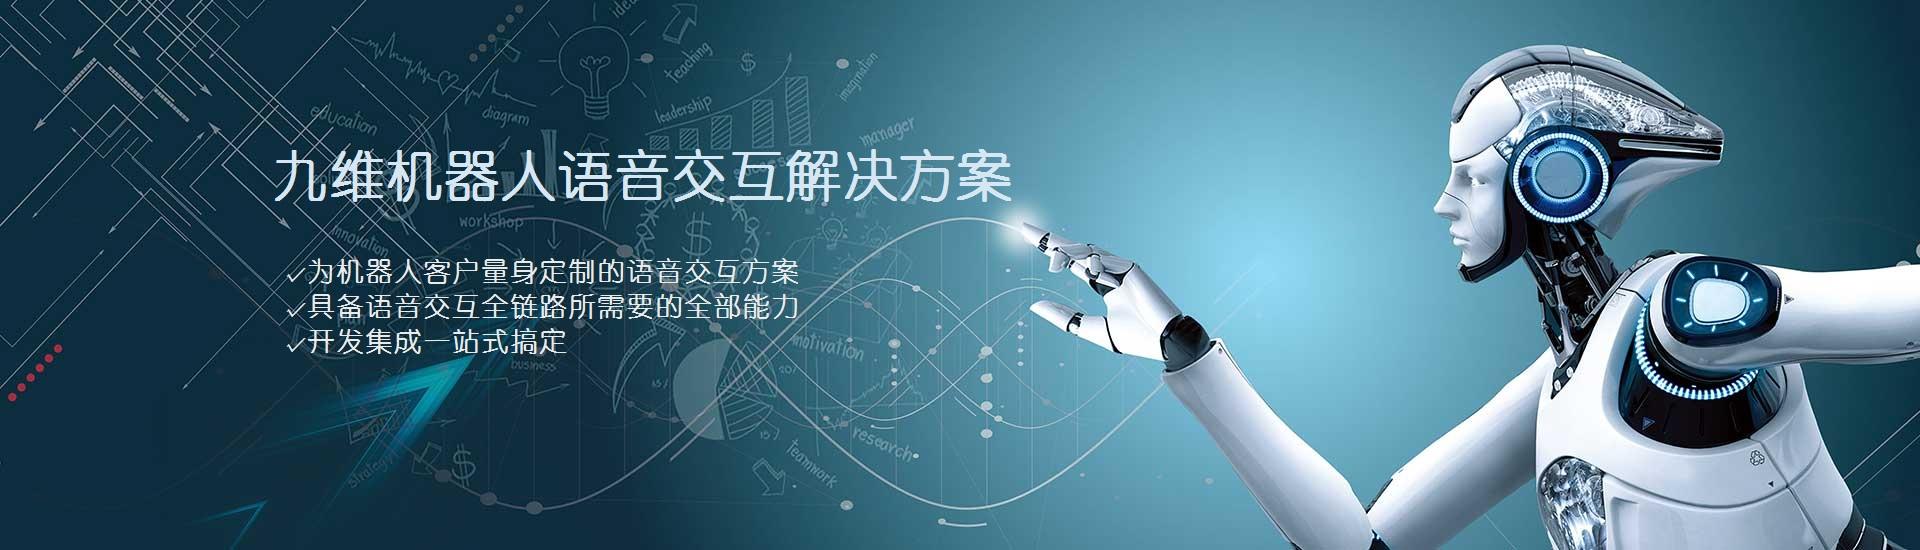 通信产品|人工智能|电信增值